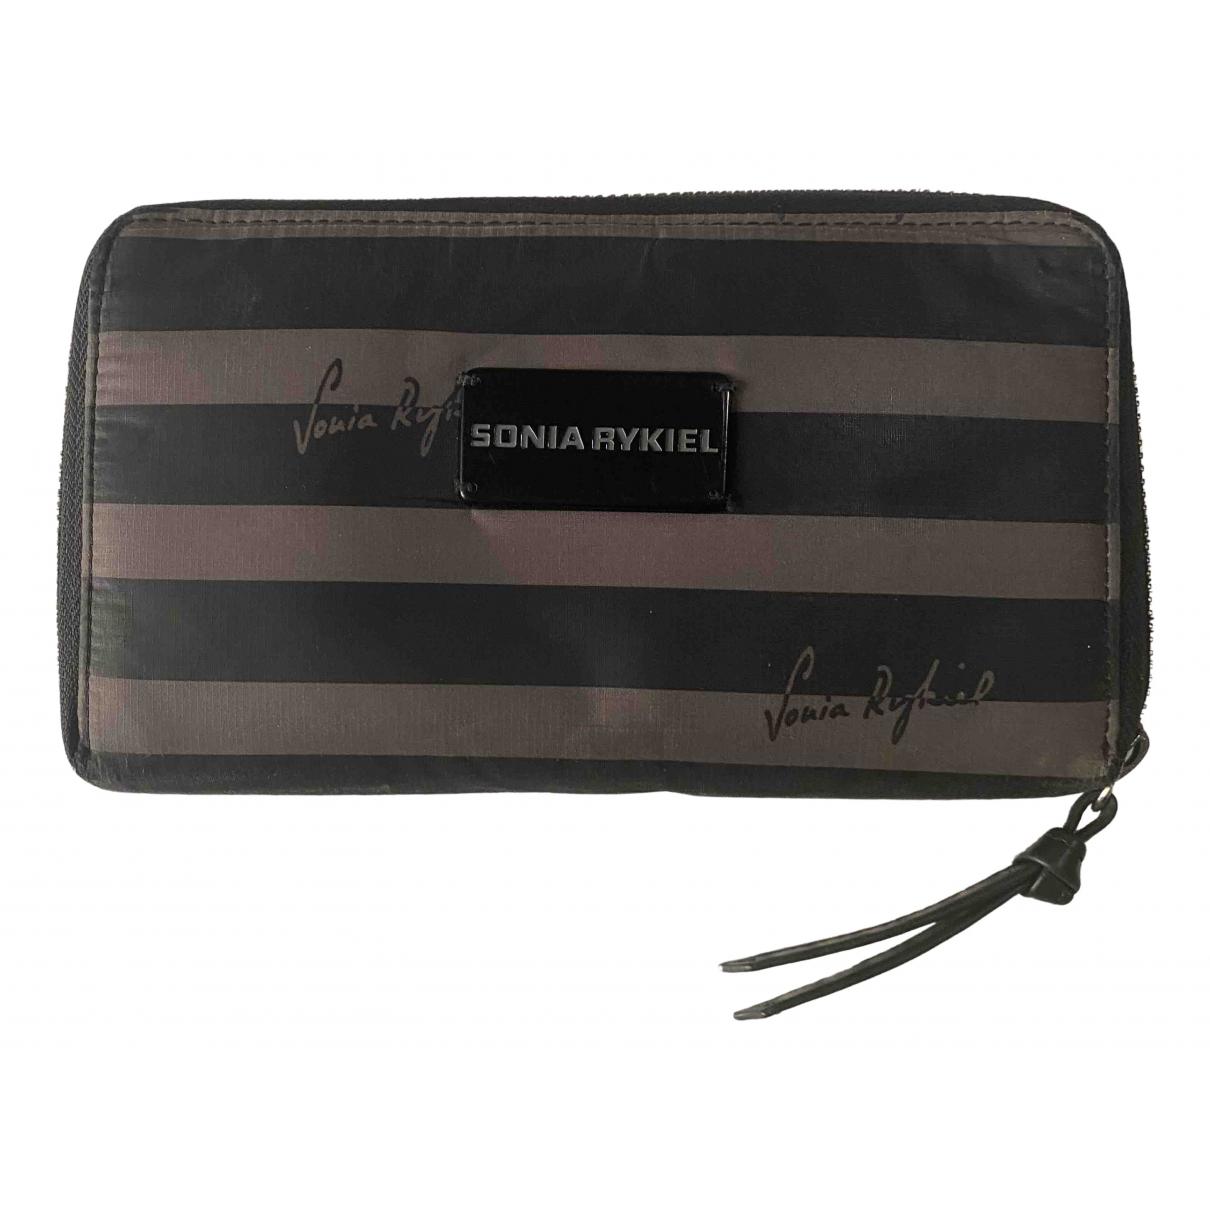 Sonia Rykiel - Portefeuille   pour femme en toile - noir